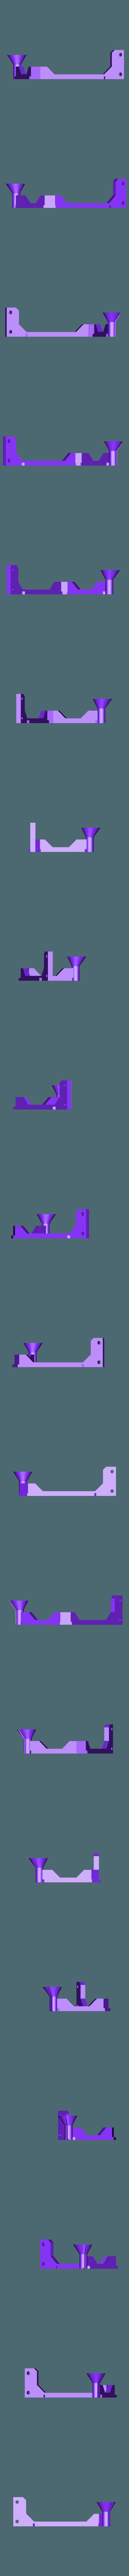 D6_spool_holder_Part_2.stl Télécharger fichier STL gratuit Wanhao Duplicator 6 porte-bobines • Design pour impression 3D, nik101968